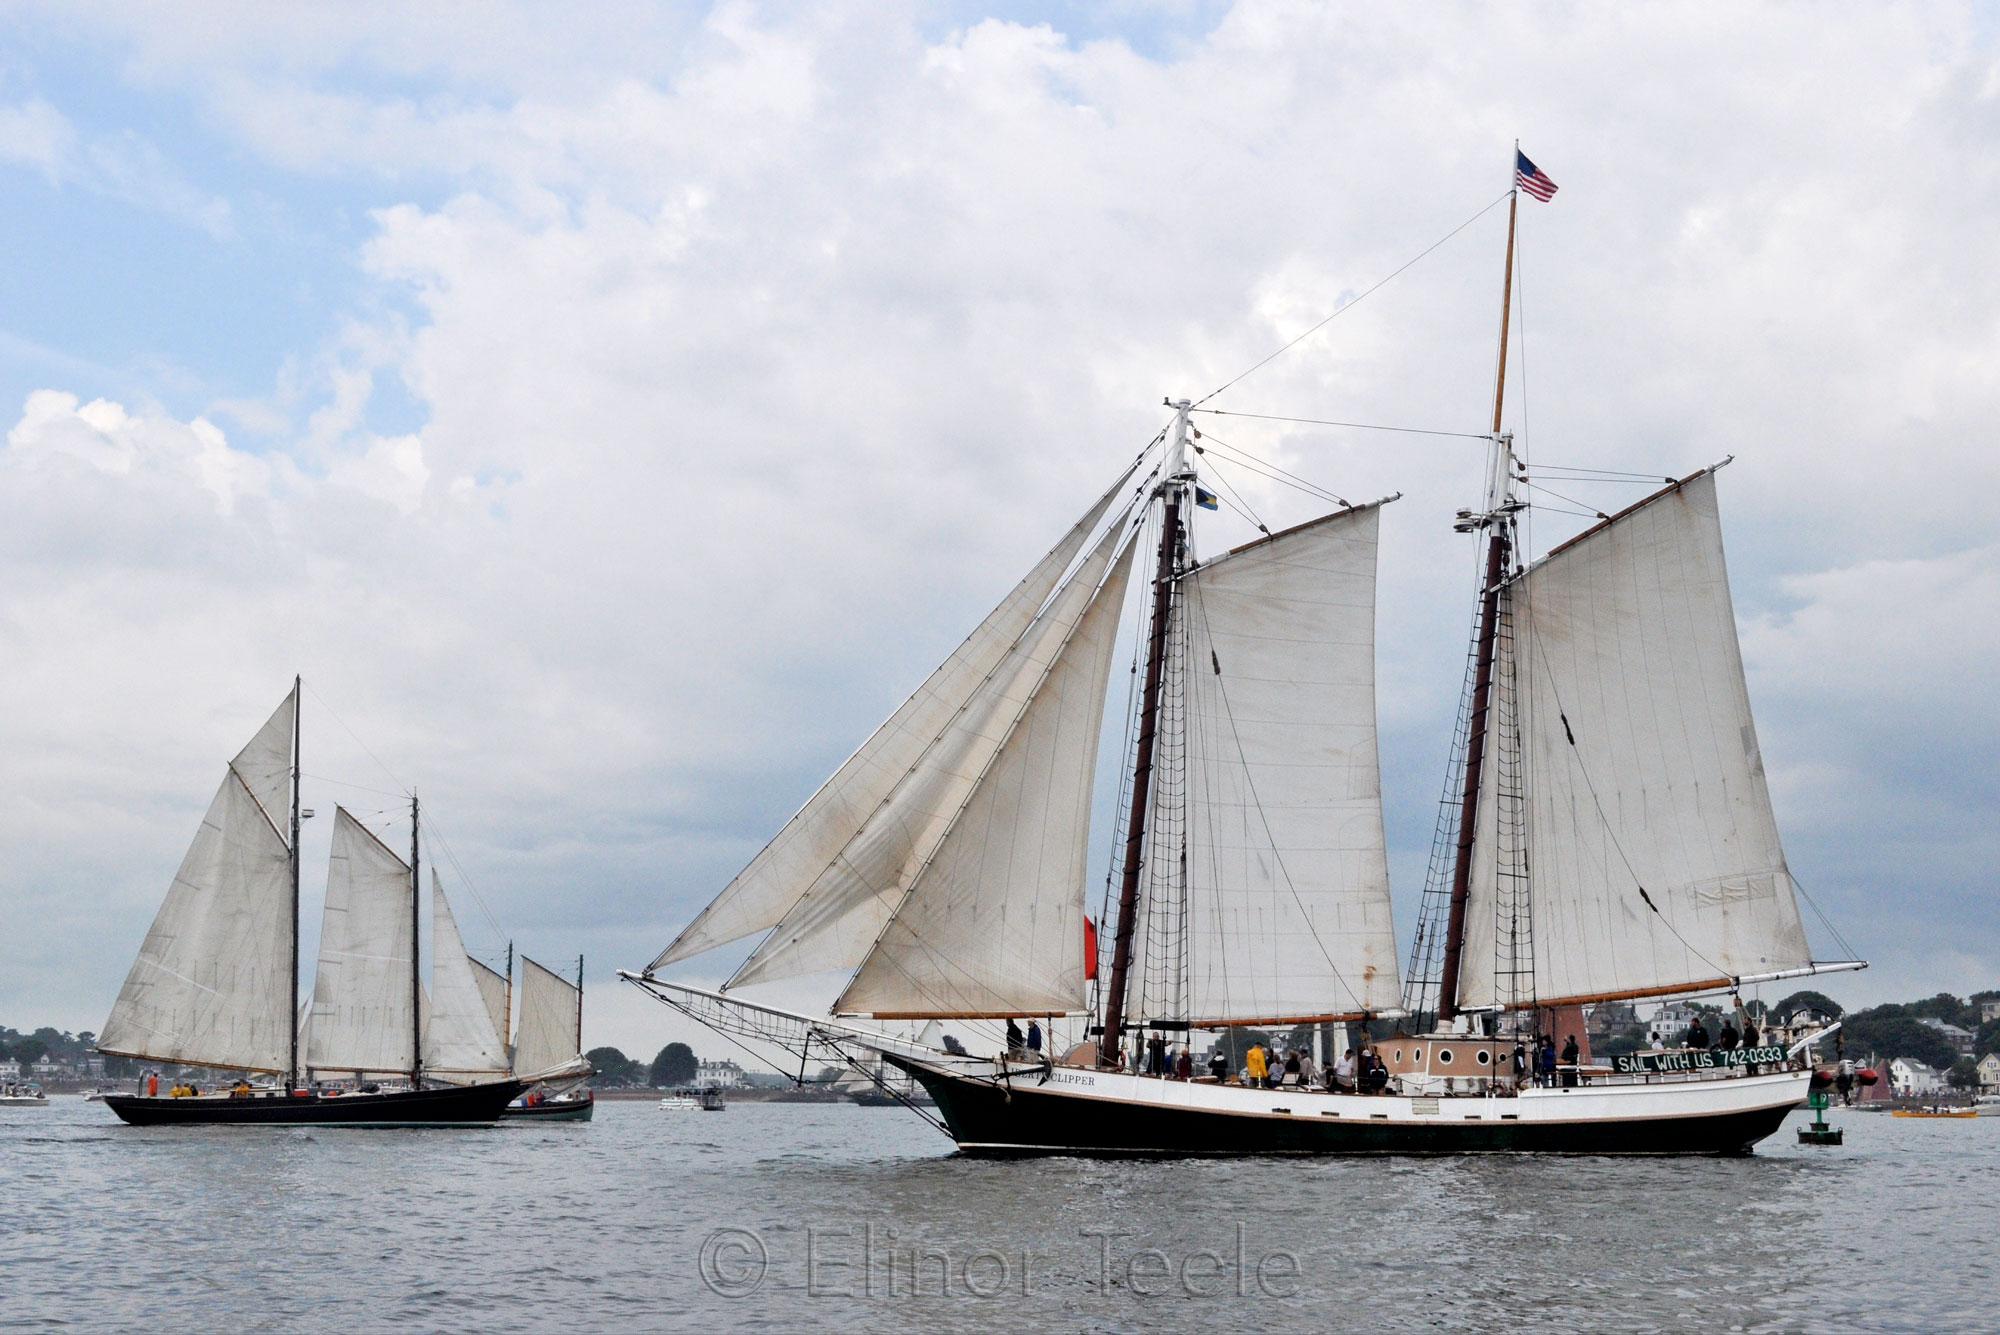 Schooner Festival Parade of Sail